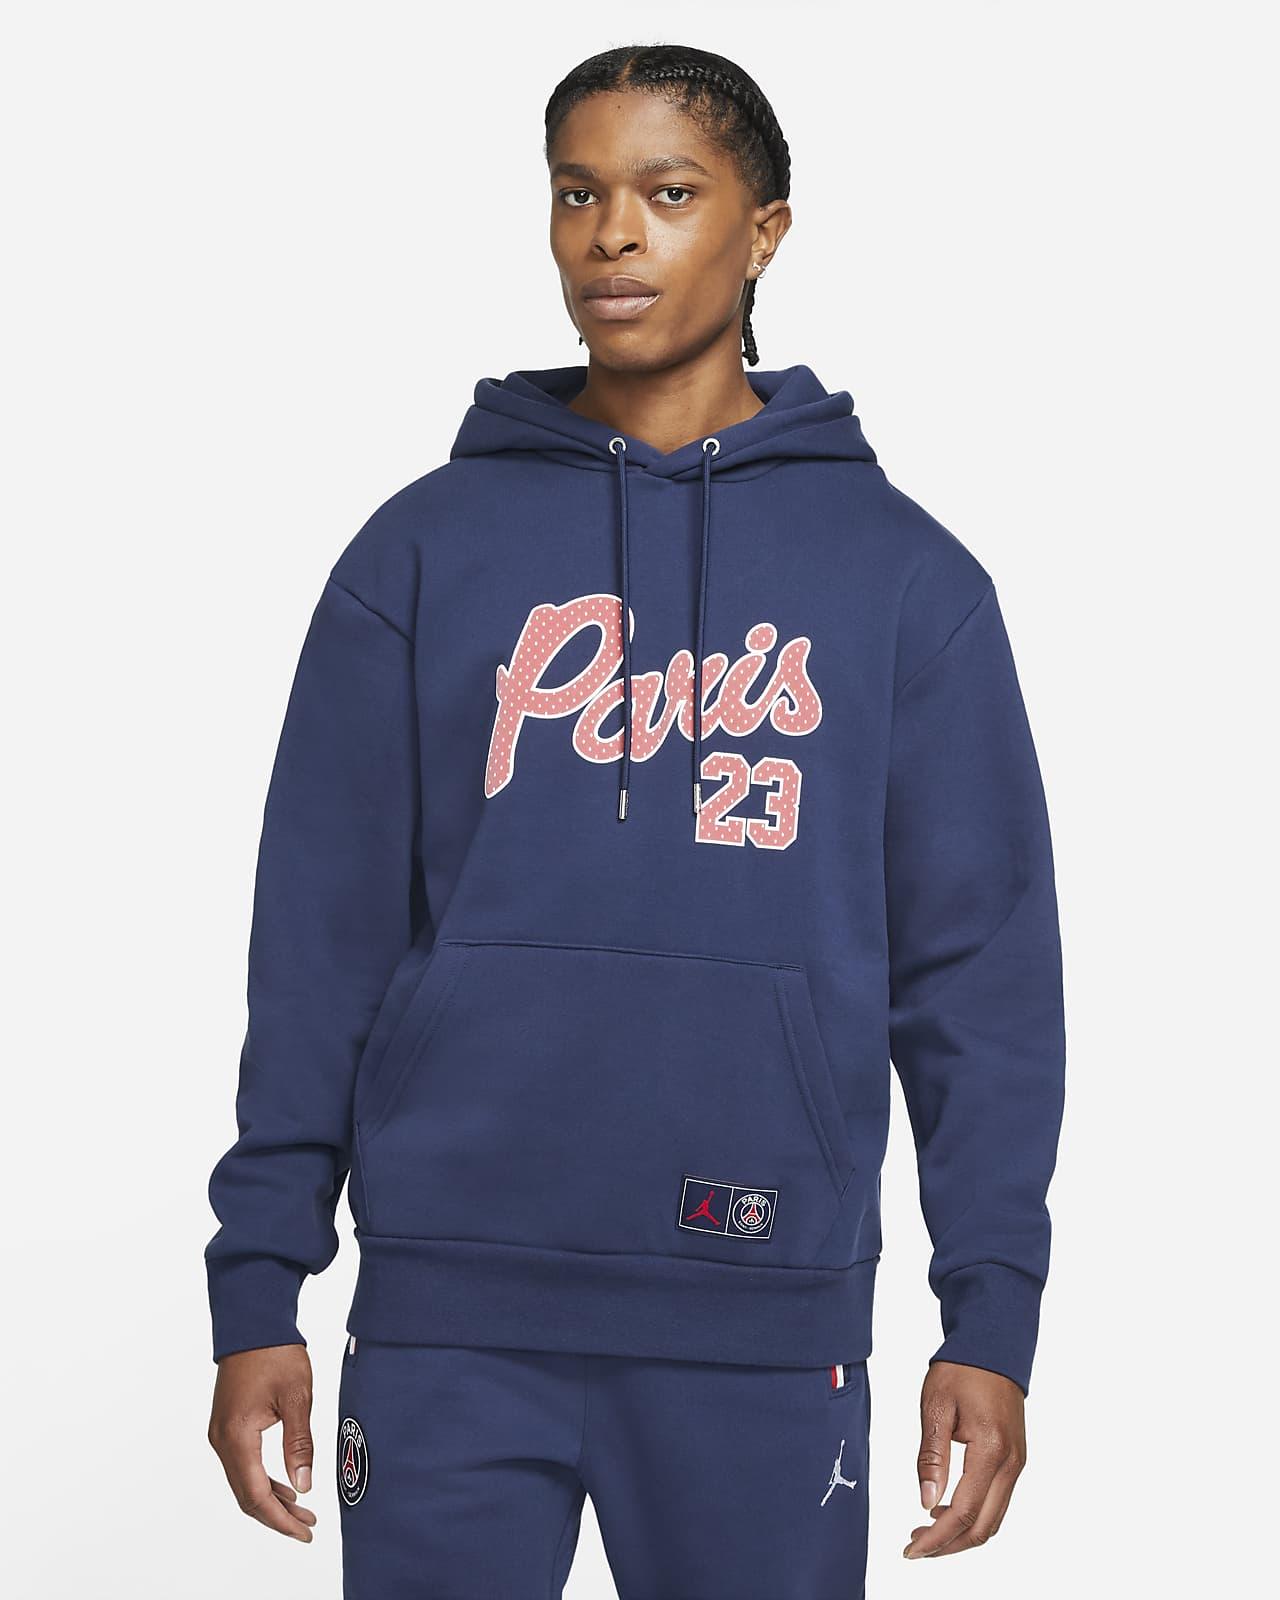 Paris Saint-Germain Men's Statement Fleece Pullover Hoodie